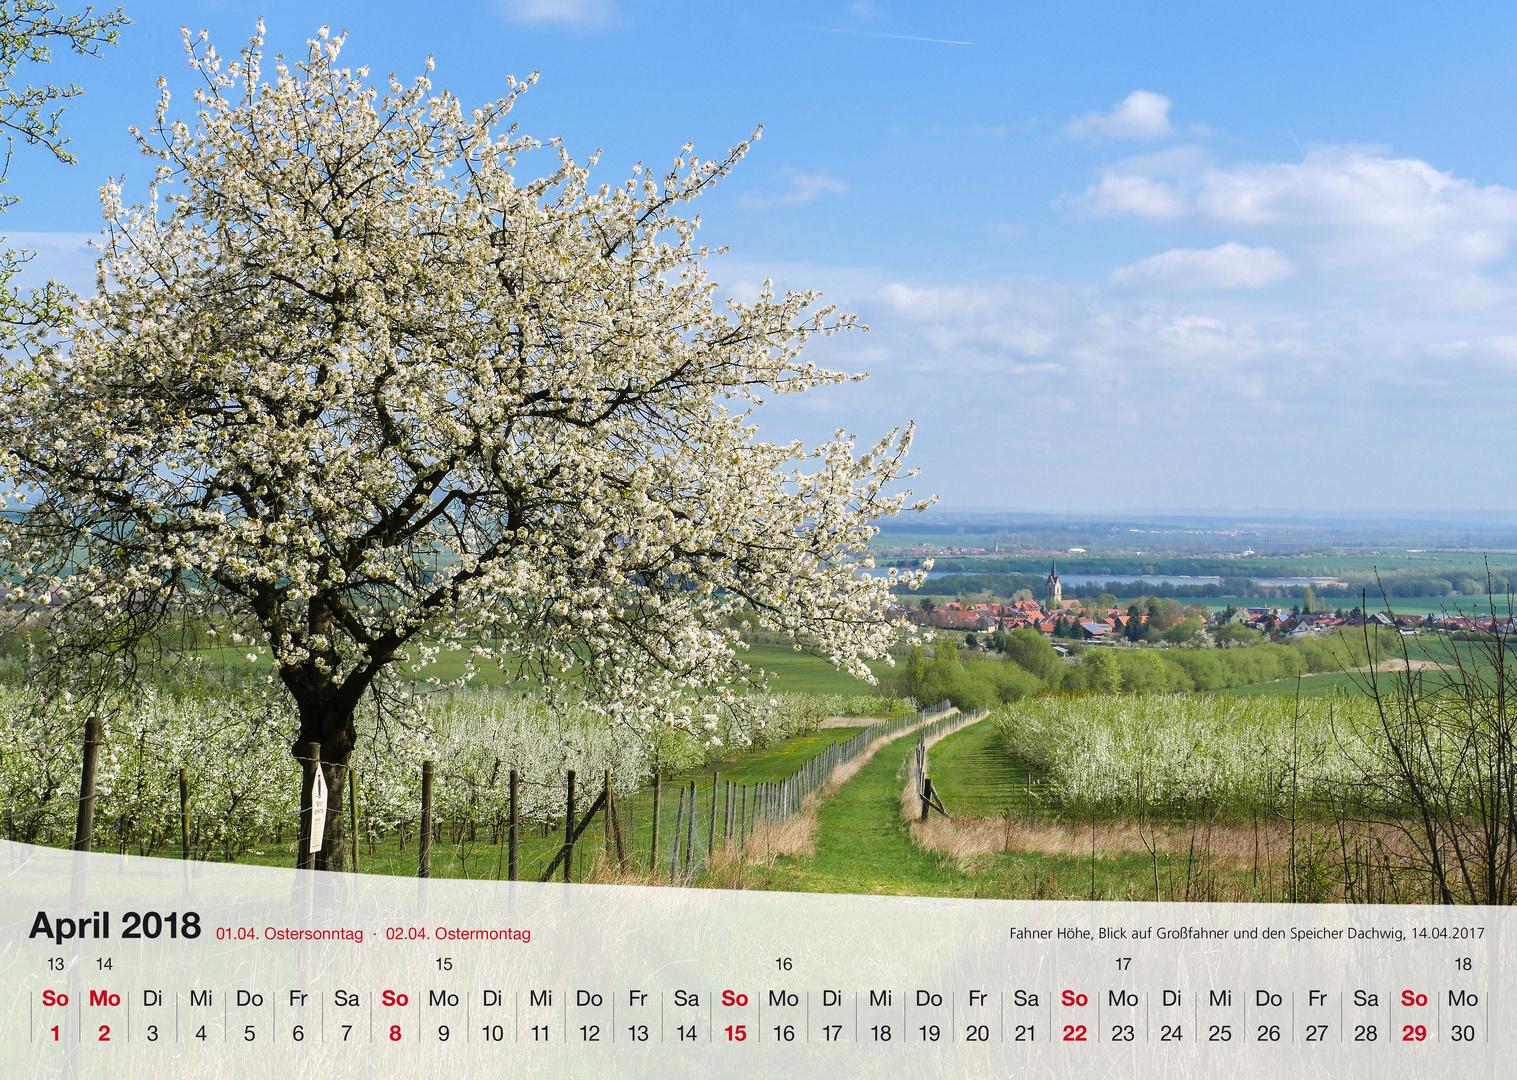 Kalender Thüringer Landschaften 2018 April